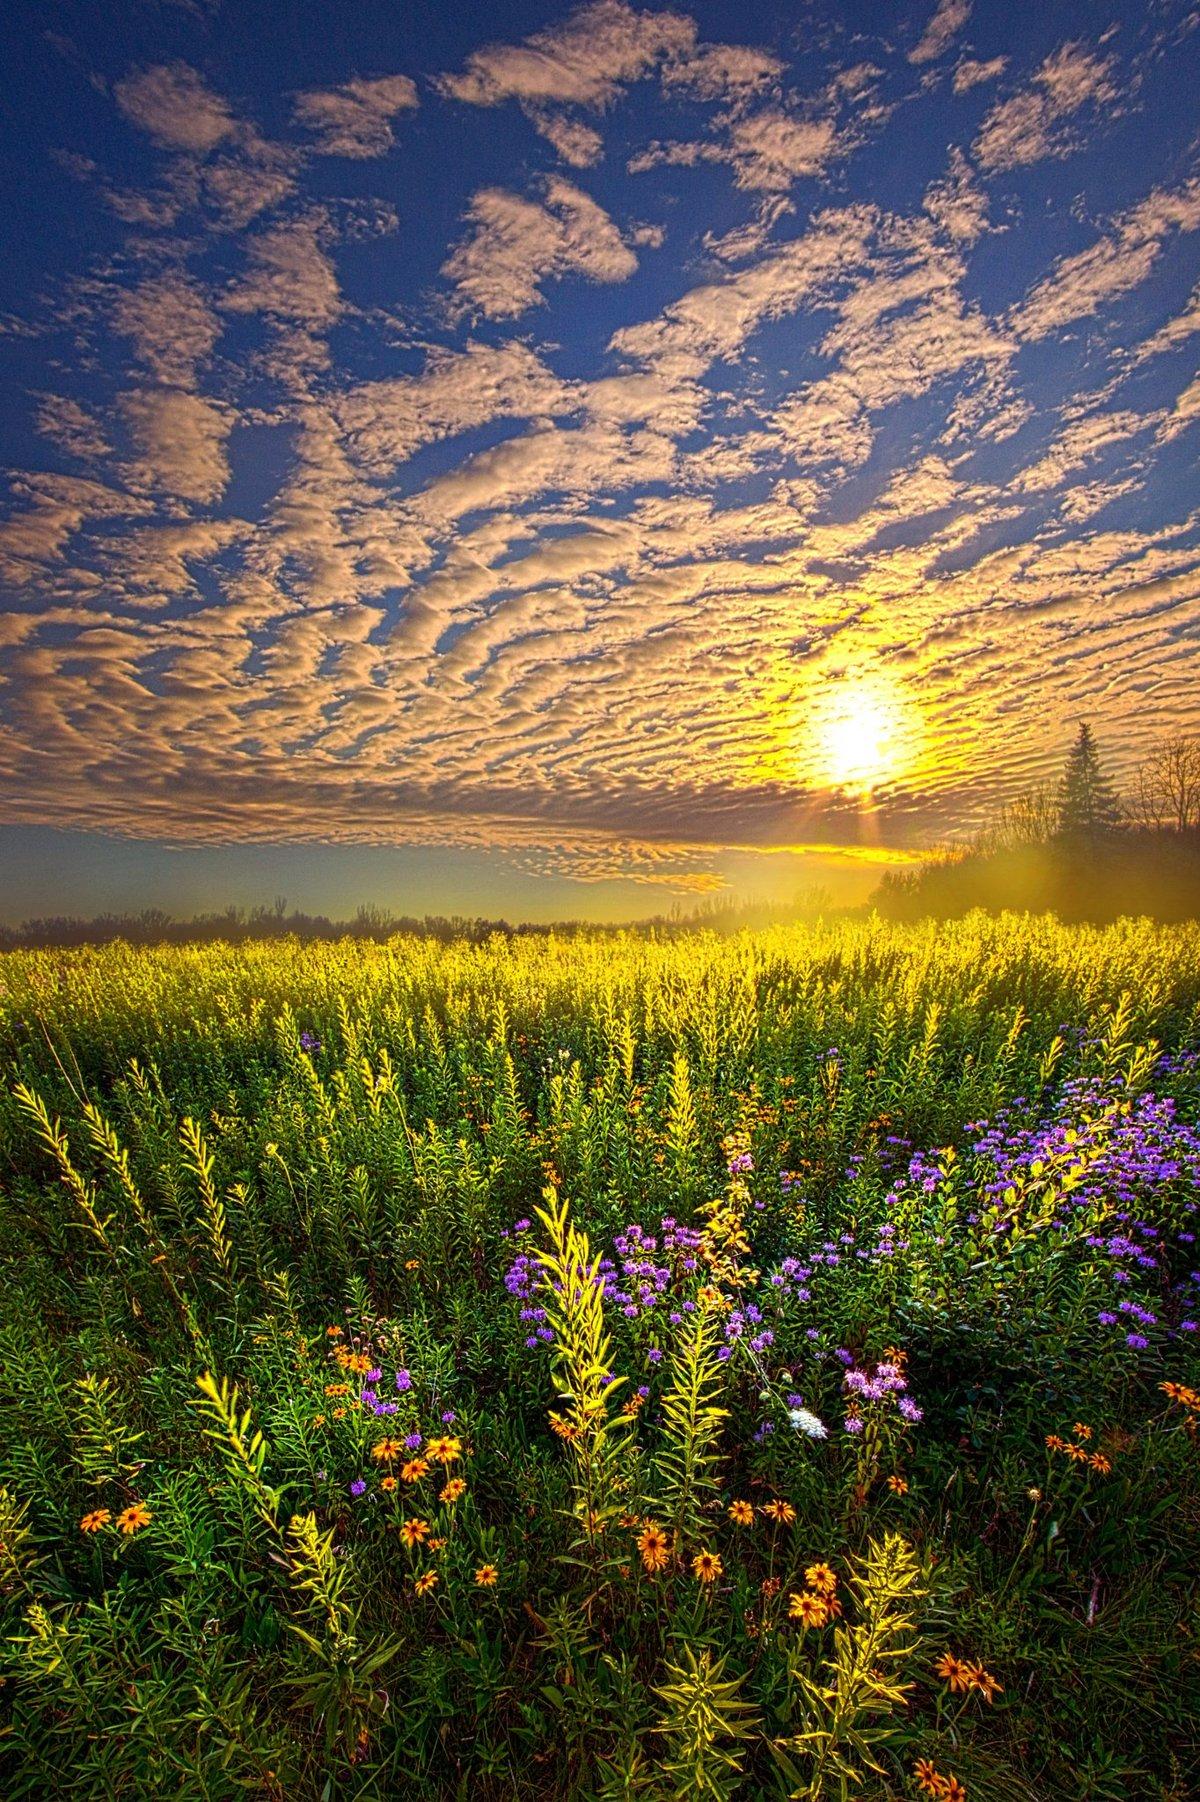 интернет магазин фото красивых утренних пейзажей называю резиновые чехлы